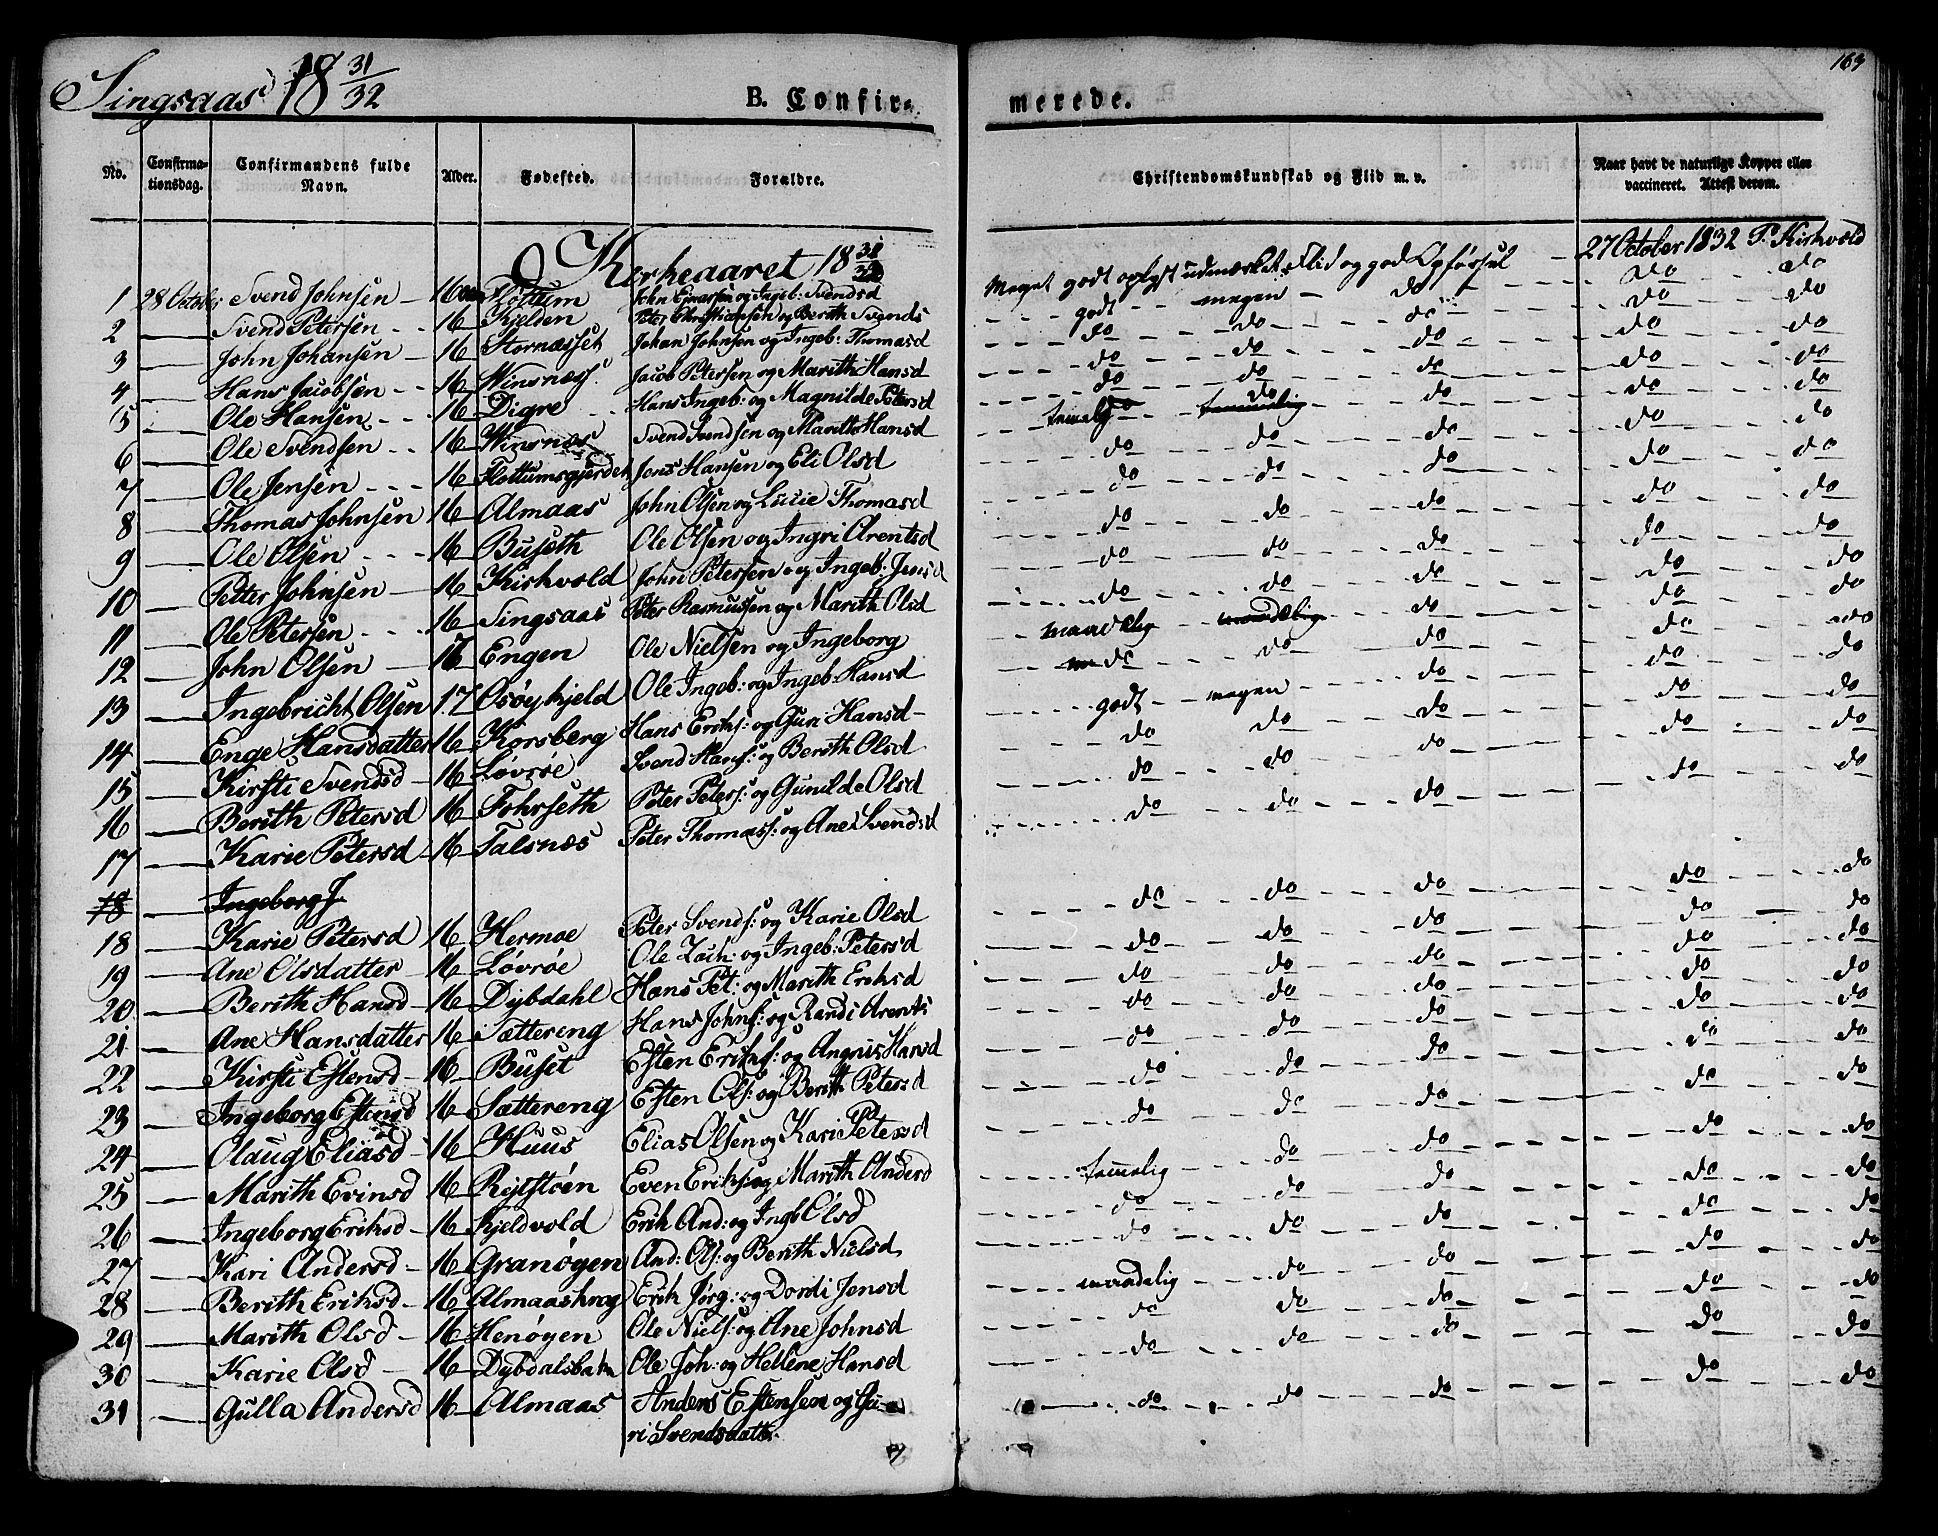 SAT, Ministerialprotokoller, klokkerbøker og fødselsregistre - Sør-Trøndelag, 685/L0958: Ministerialbok nr. 685A04 /2, 1829-1845, s. 163